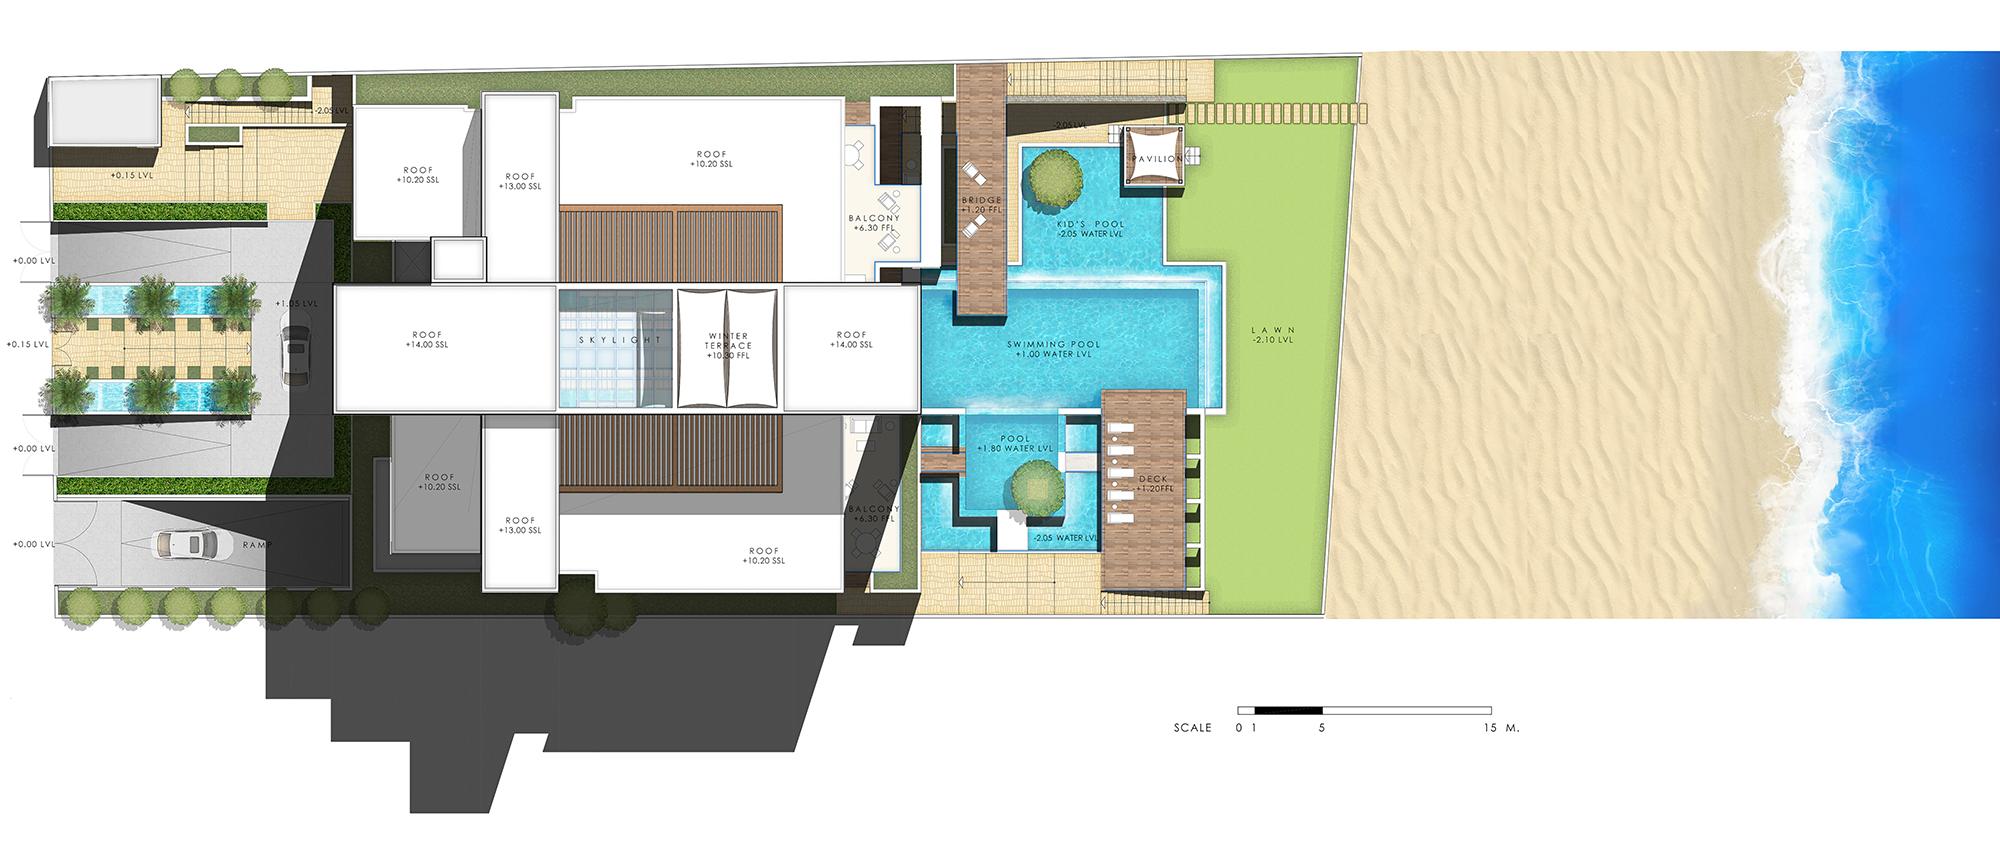 Hidd Al Saadiyat Villa BEAD plan.JPG